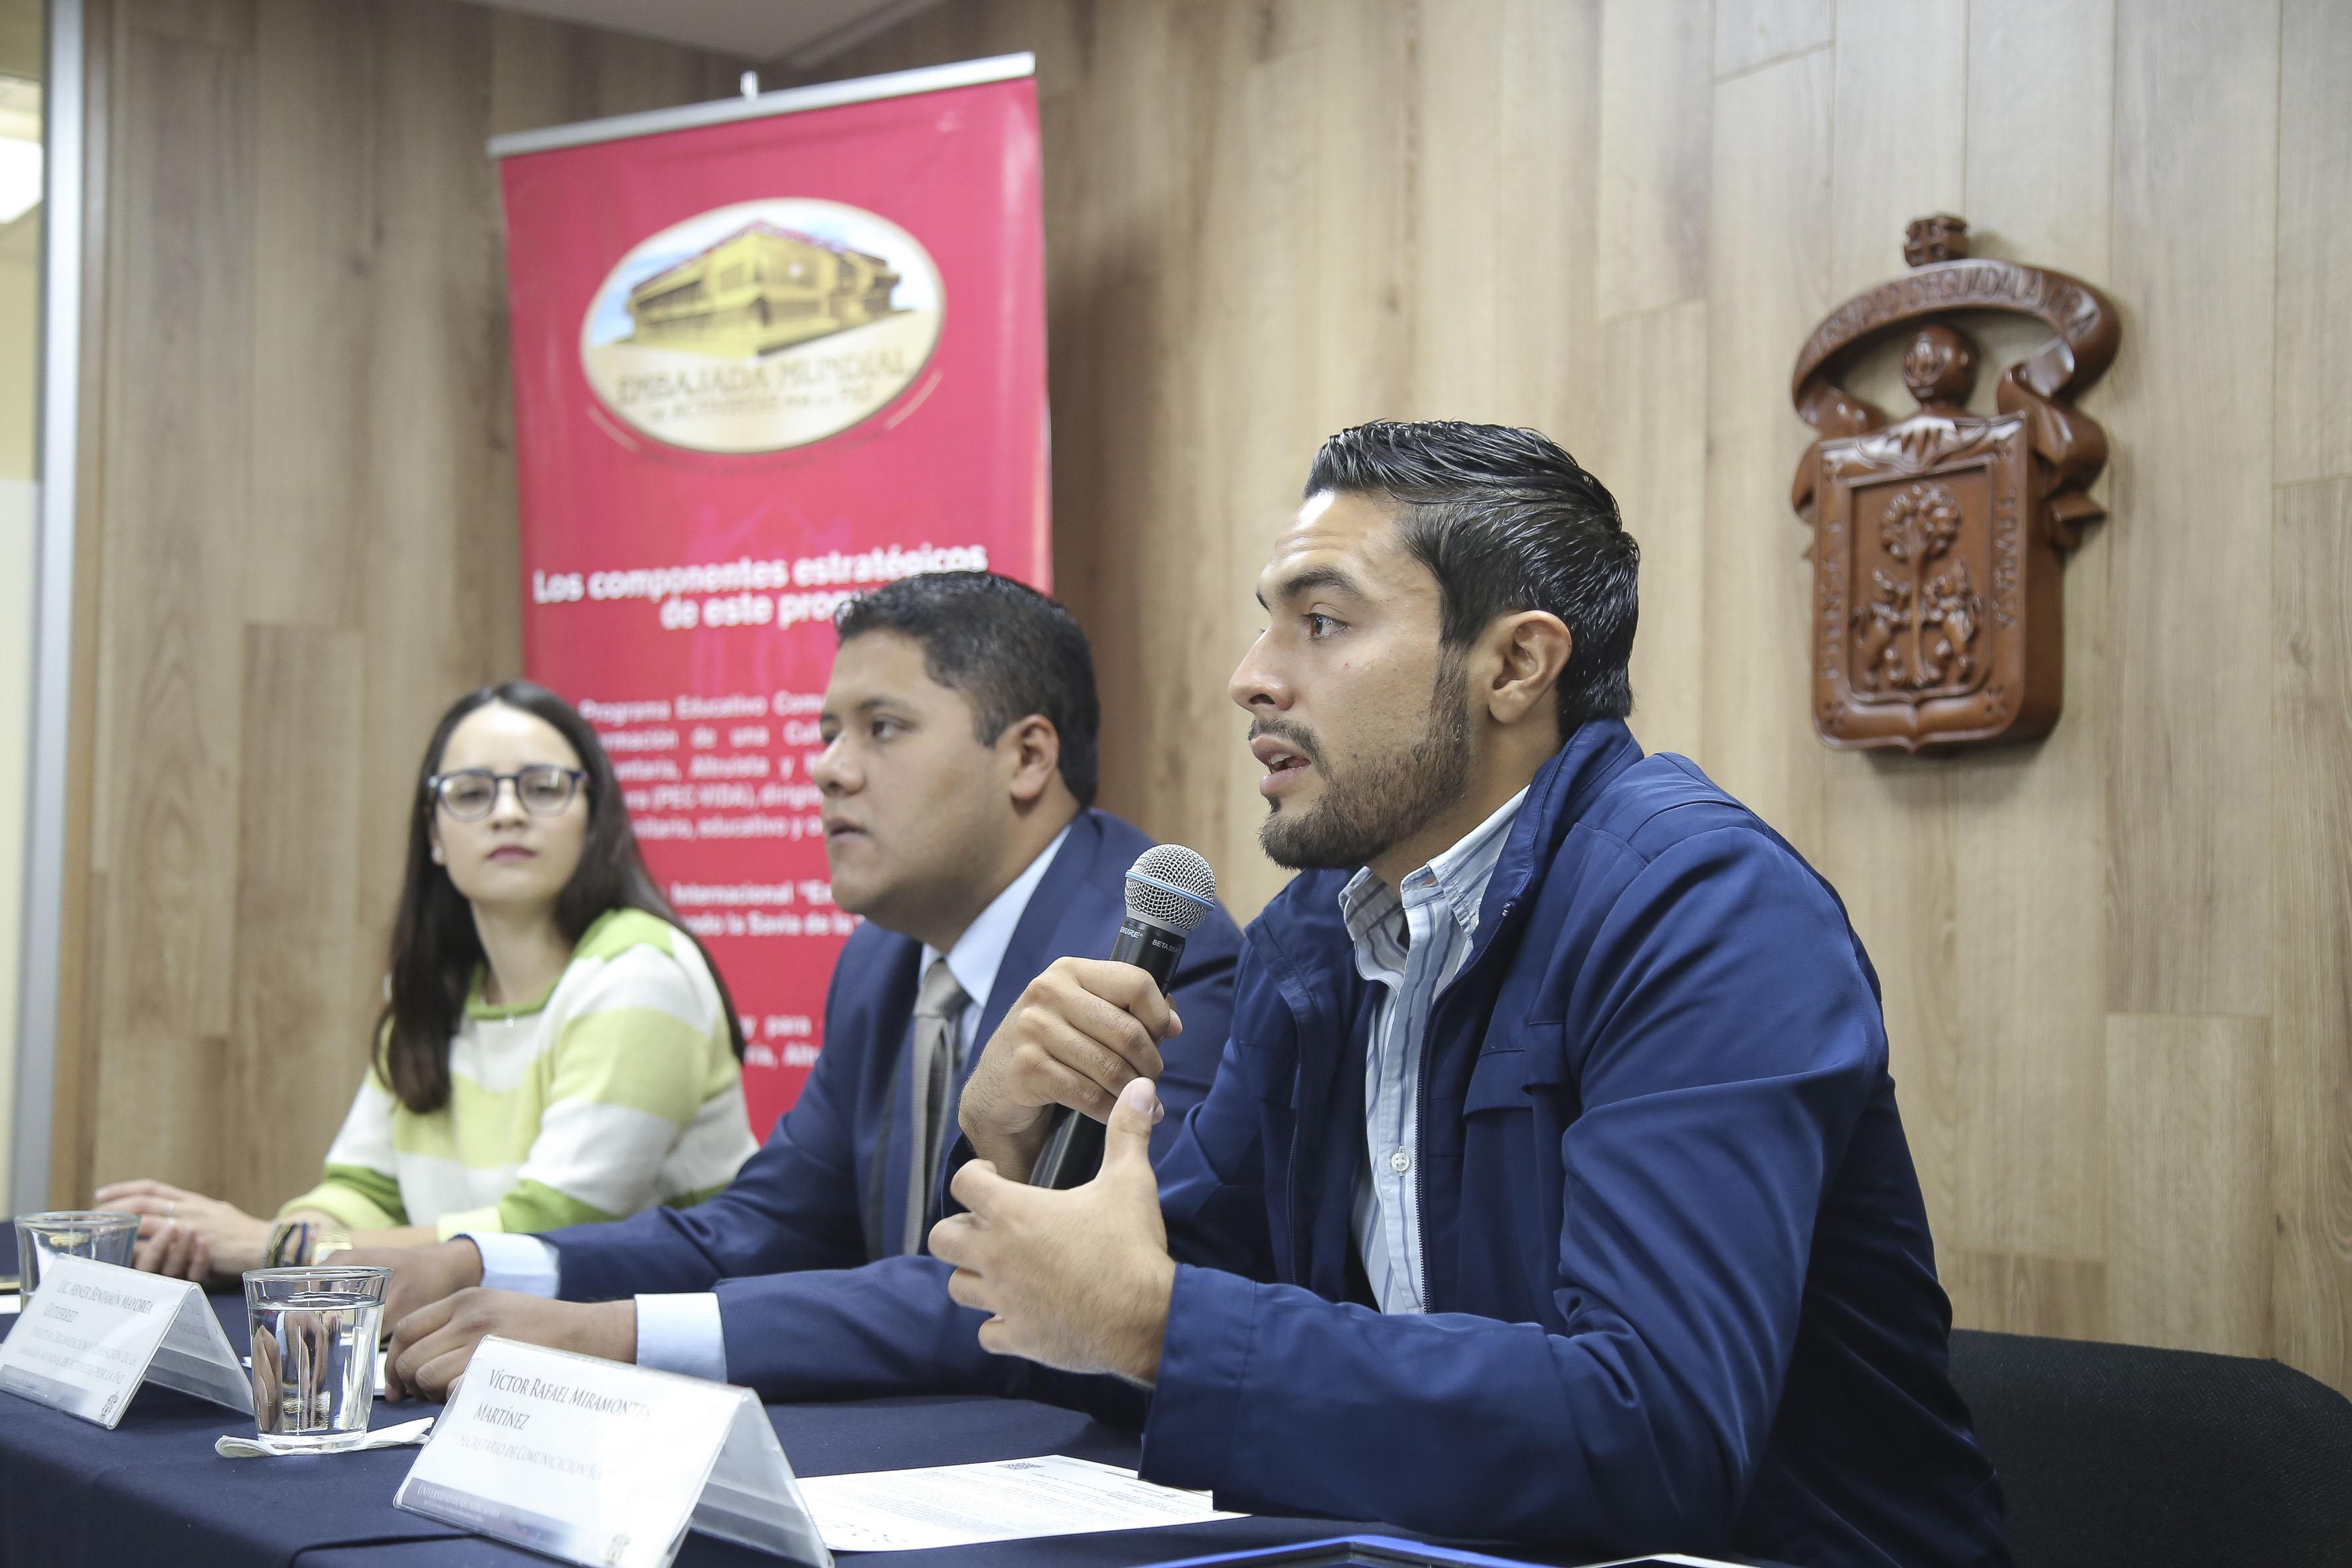 Secretario de Comunicación Social de la Federación de Estudiantes Universitarios (FEU), Víctor Rafael Miramontes Martínez, haciendo uso de la palabra en rueda de prensa